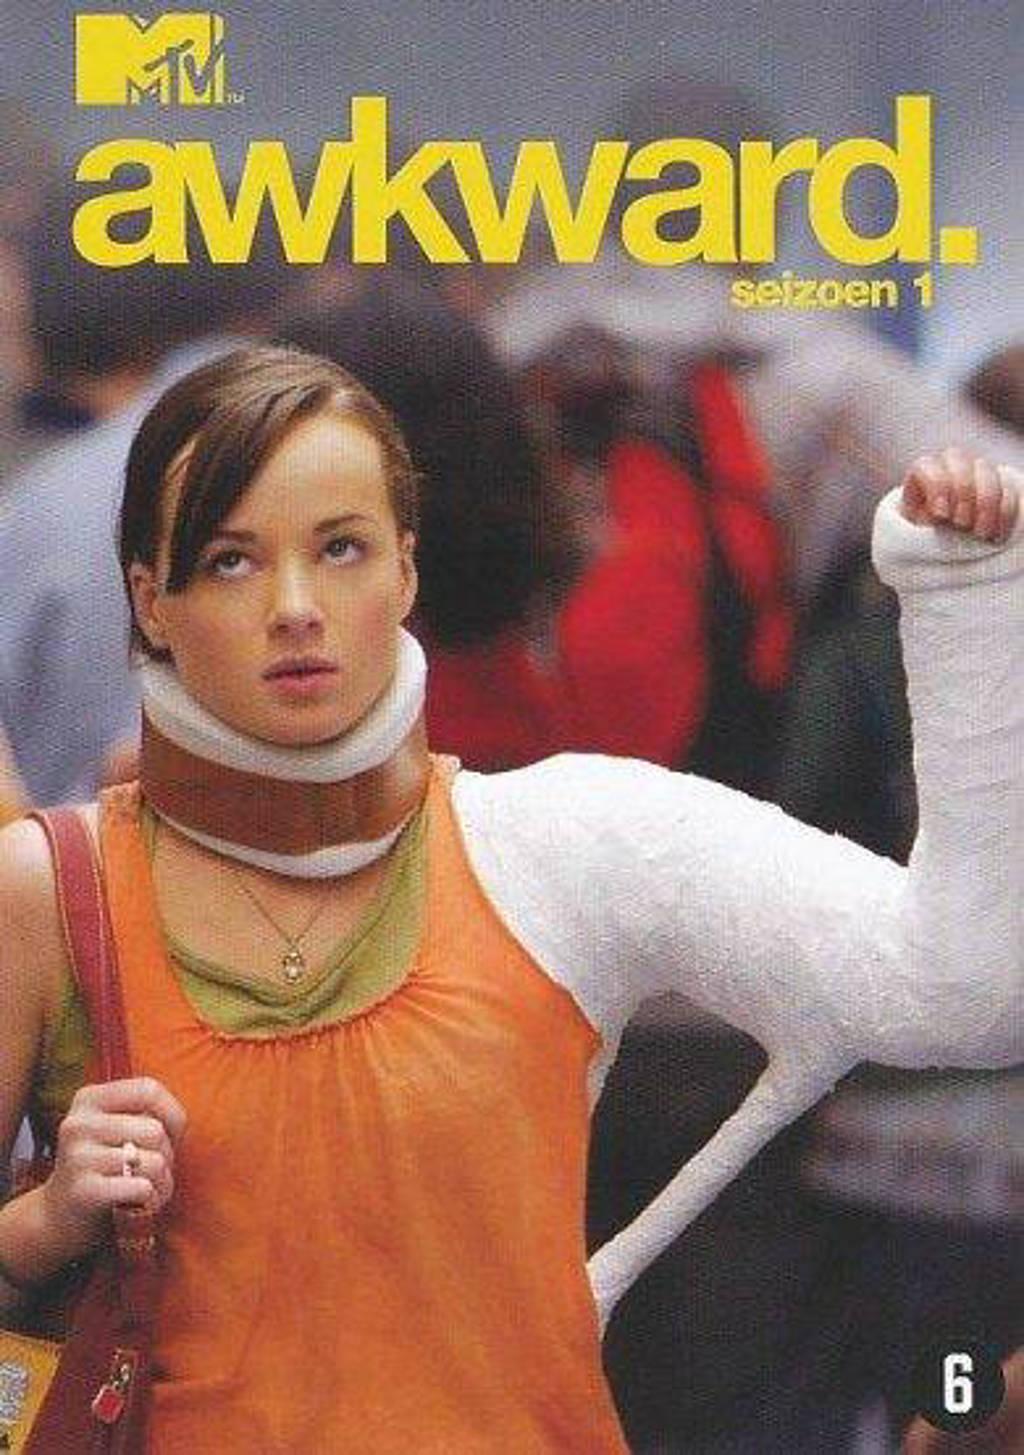 Awkward - Seizoen 1 (DVD)